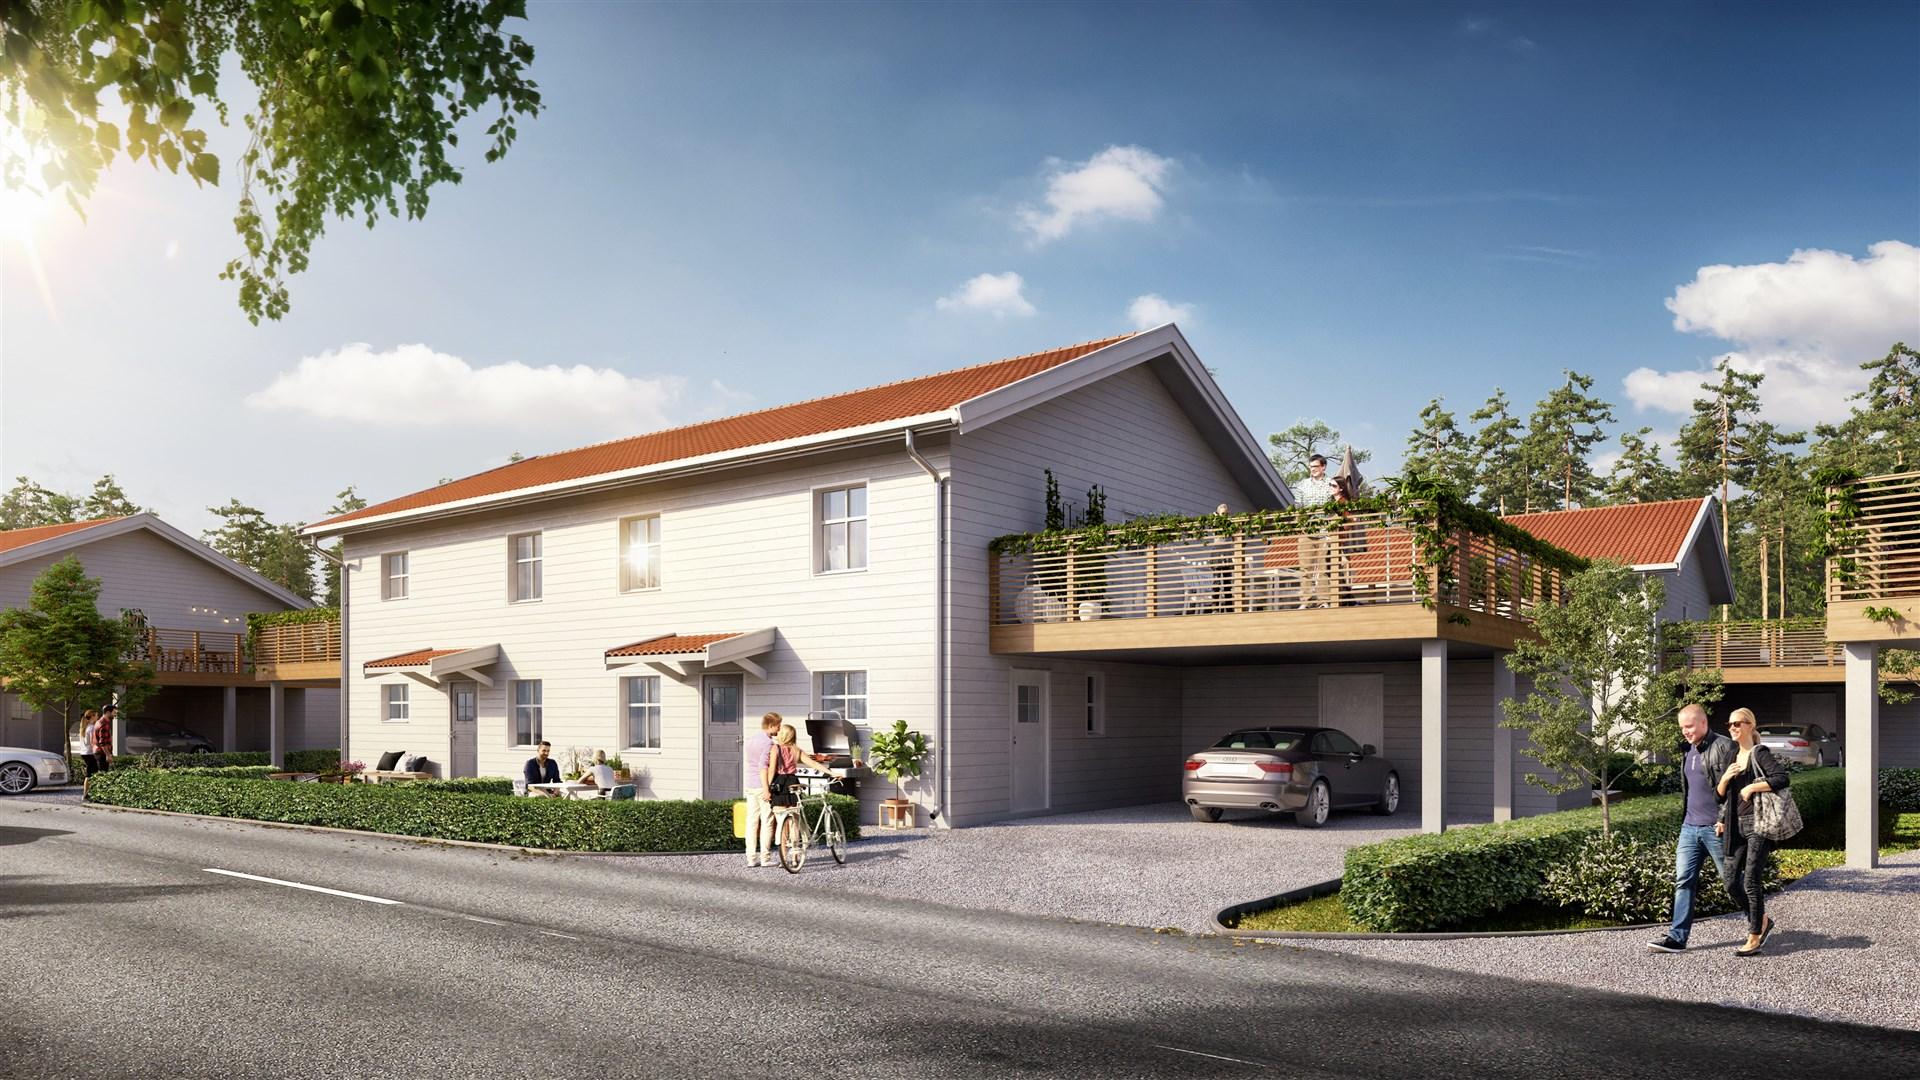 Nyproduktion av 6 parhus i 2 plan med totalt 12 bostadsrätter.